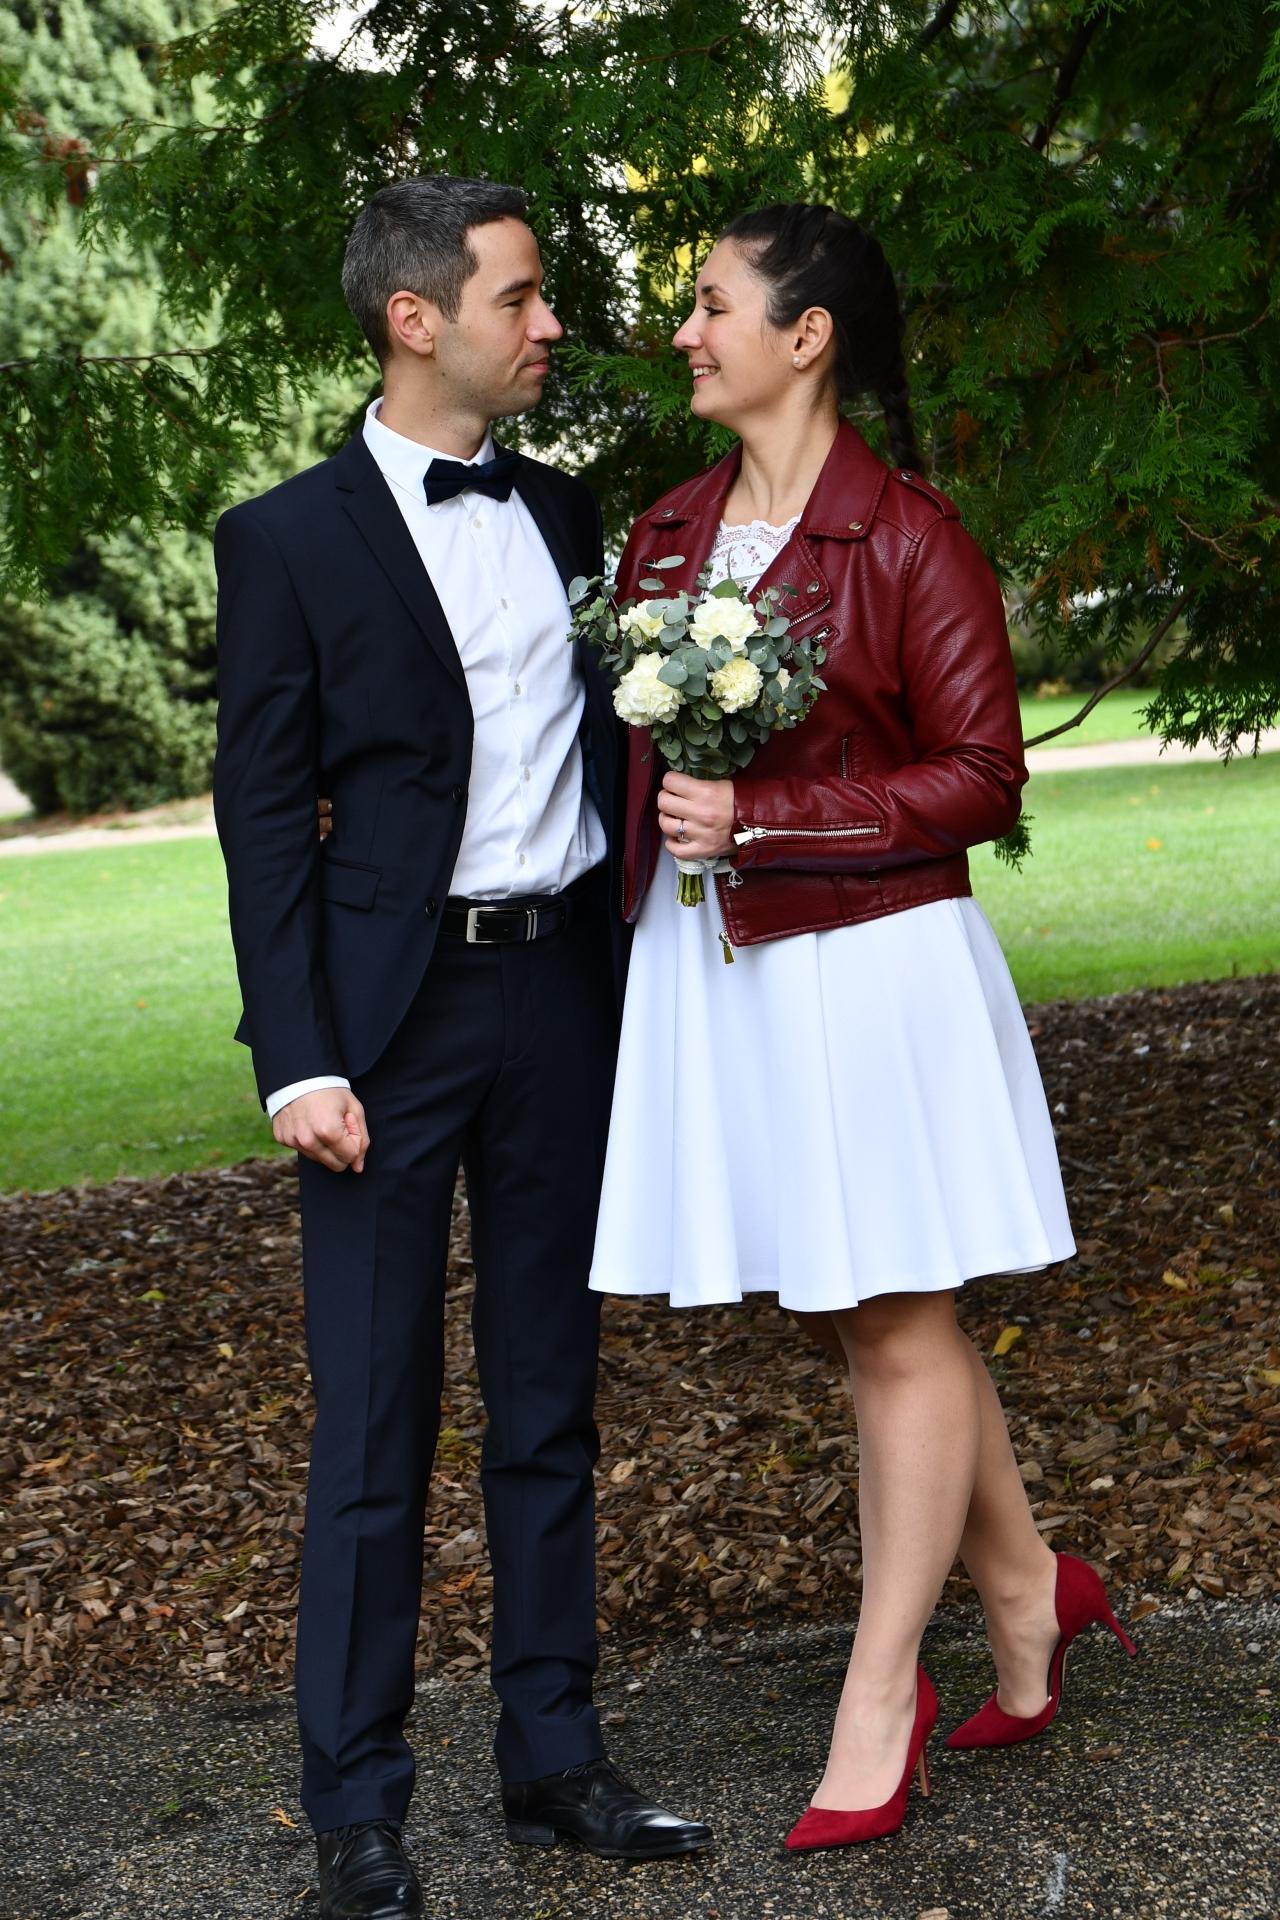 16 octobre 2020 : Le jour de notre mariagecivil.